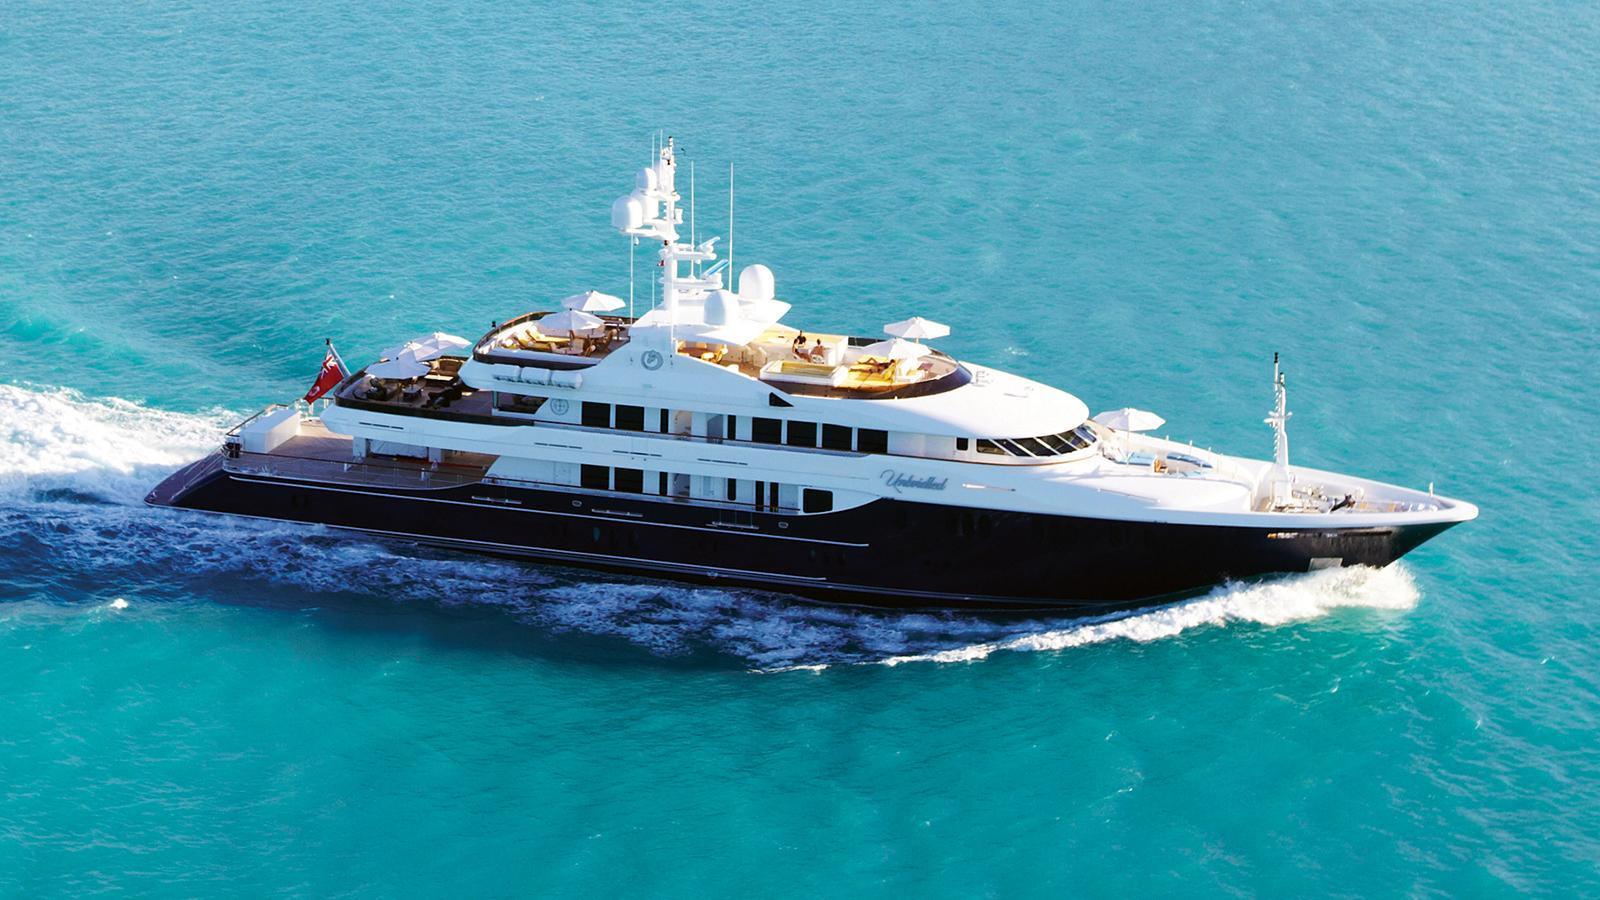 unbridled-motor-yacht-trinity-2009-58m-cruising